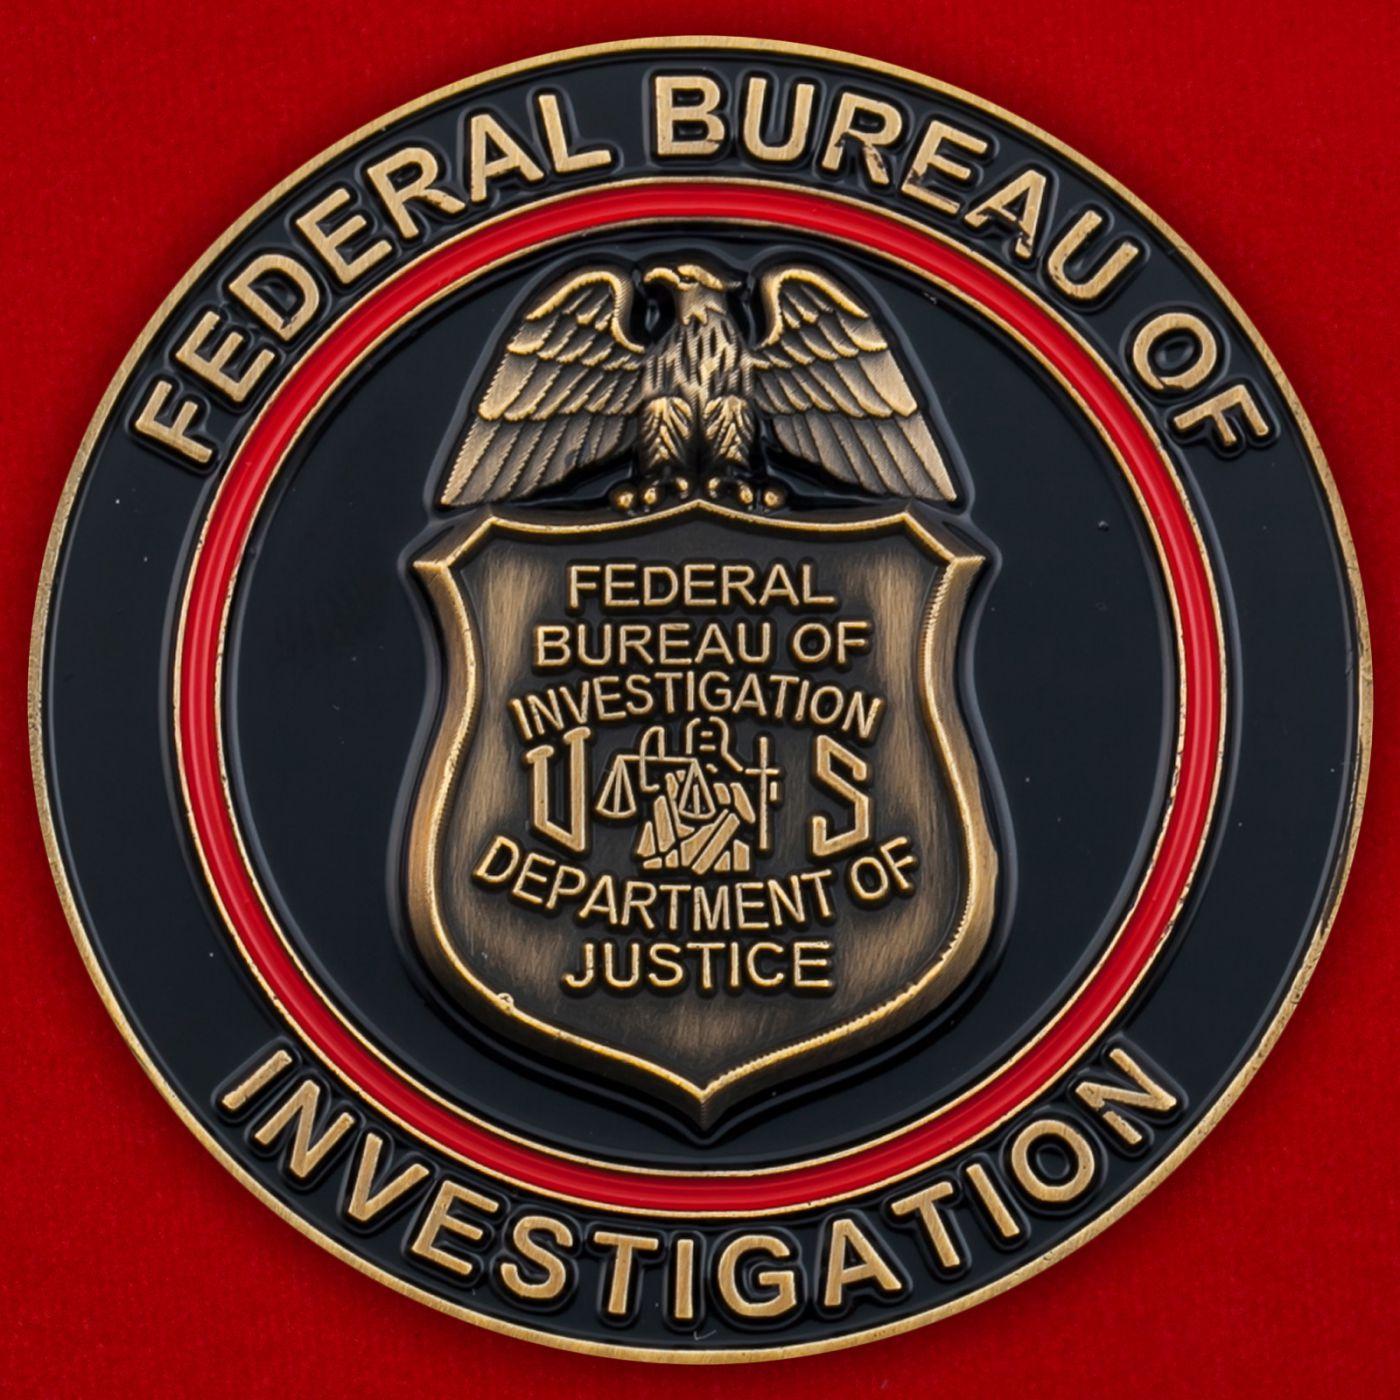 Челлендж коин спецагента по обезвреживаню взрывоопасных веществ отделения ФБР в Майами